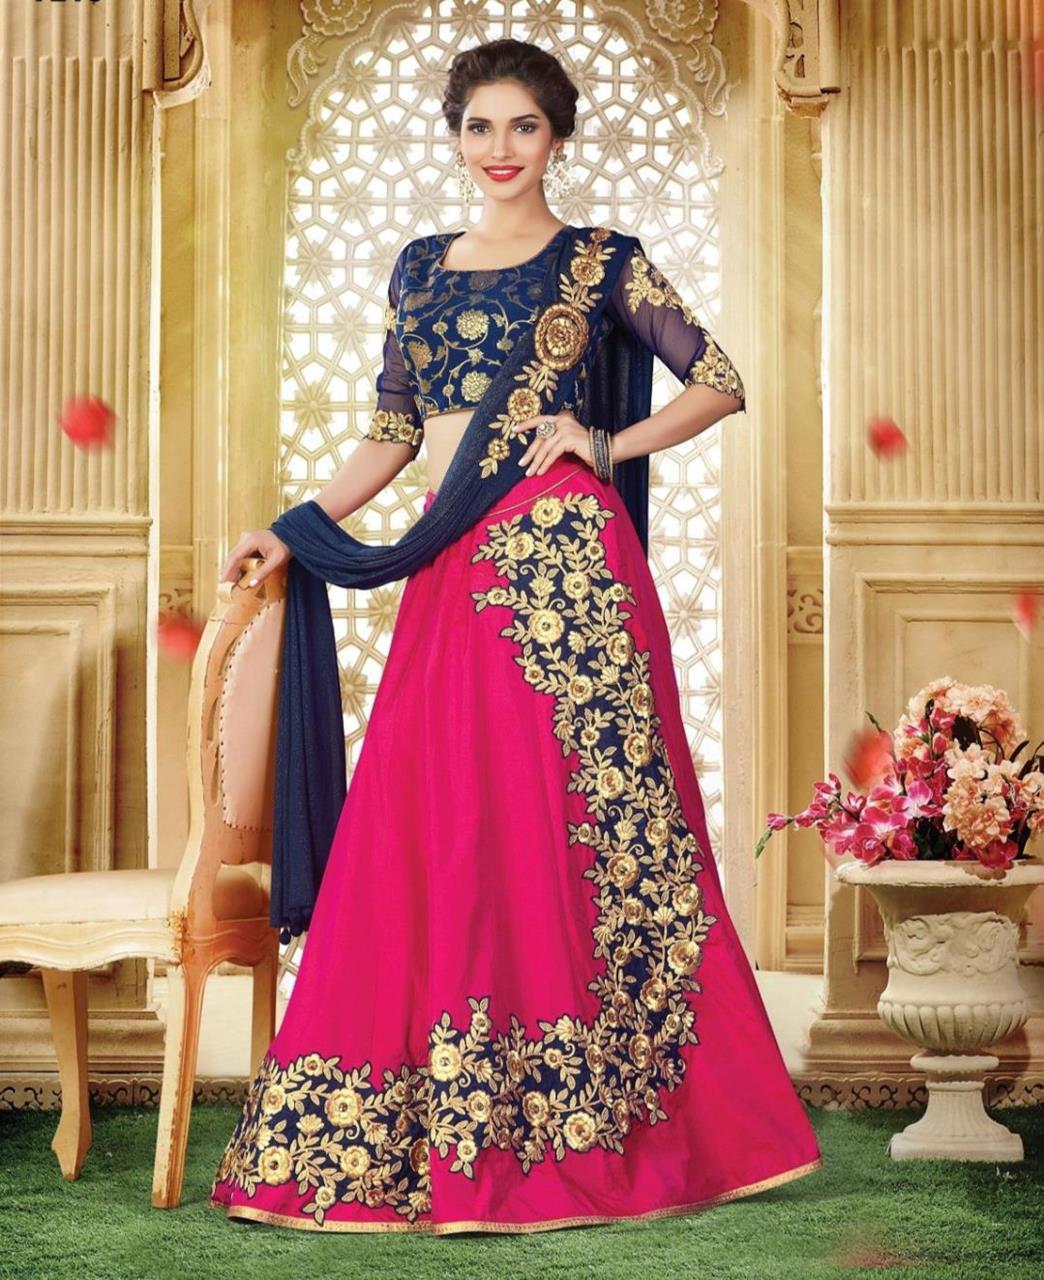 Embroidered Brocade Pink Long choli Lehenga Choli Ghagra